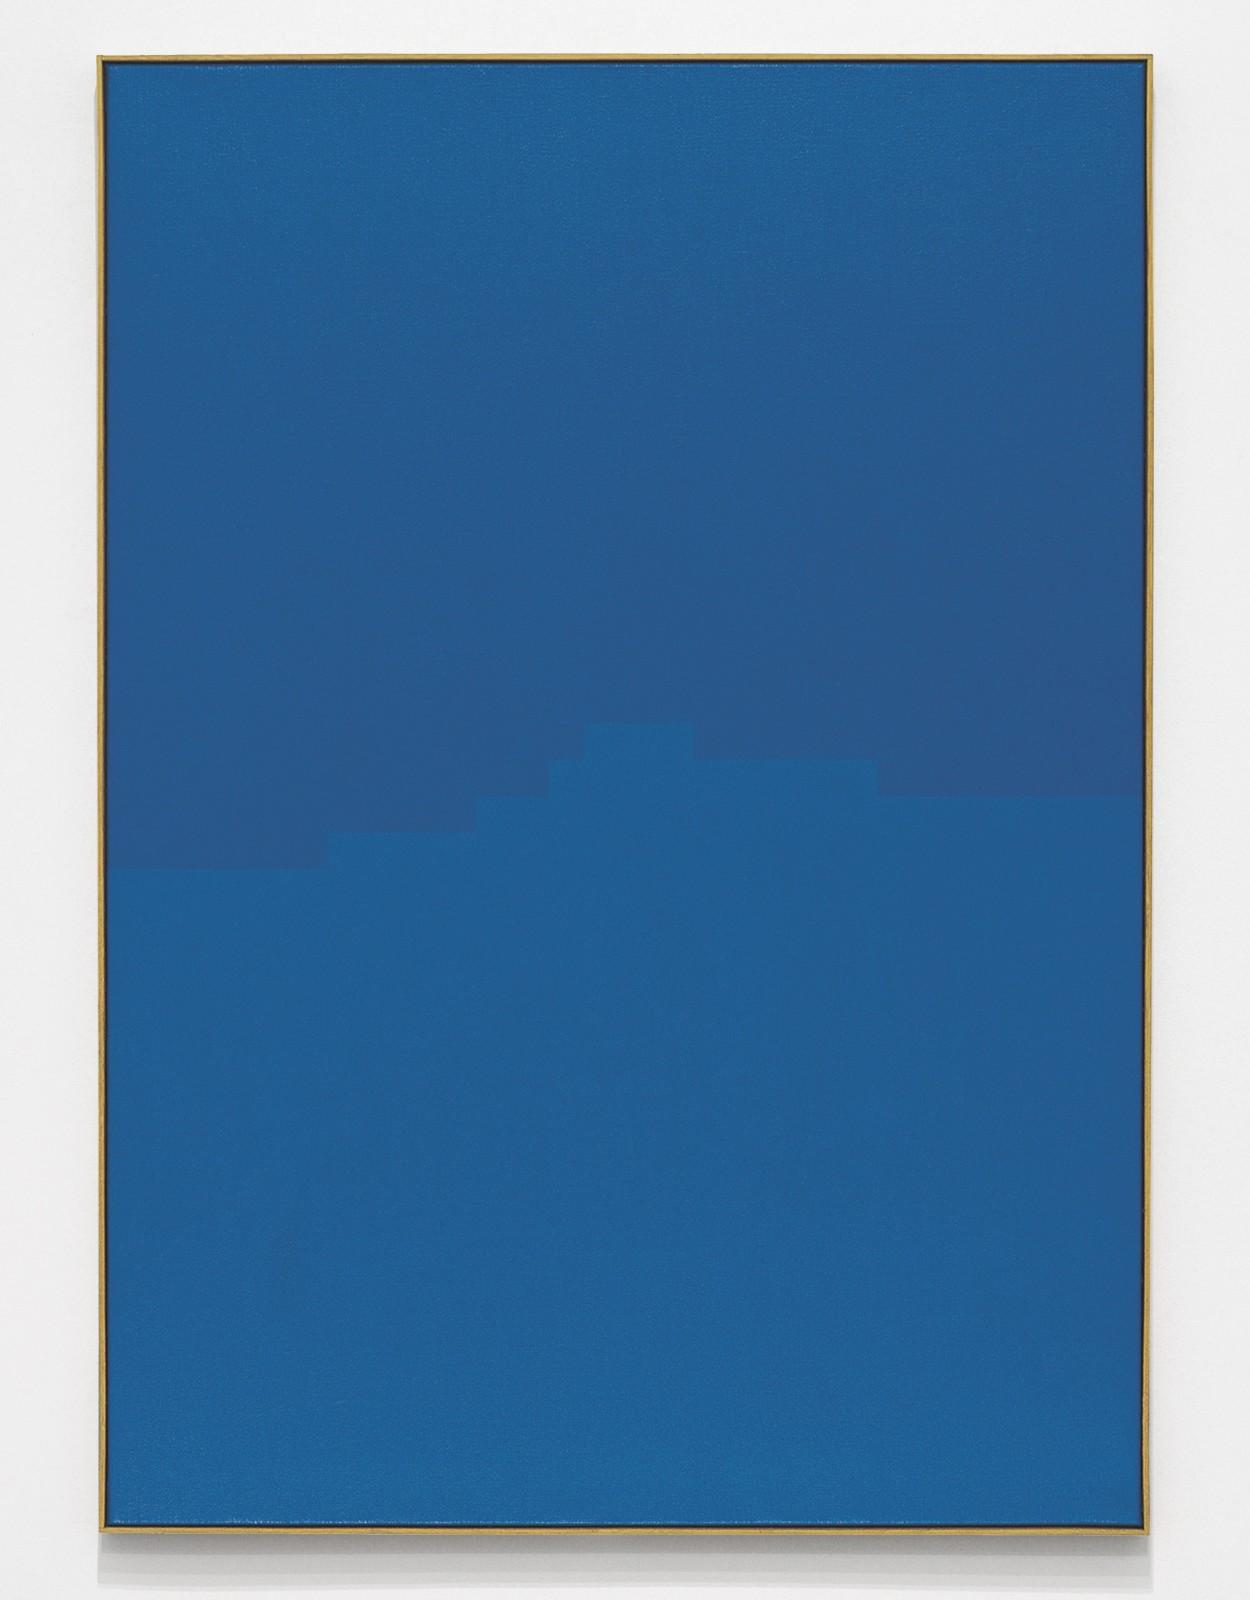 VERENA LOEWENSBERG, Untitled, 1971